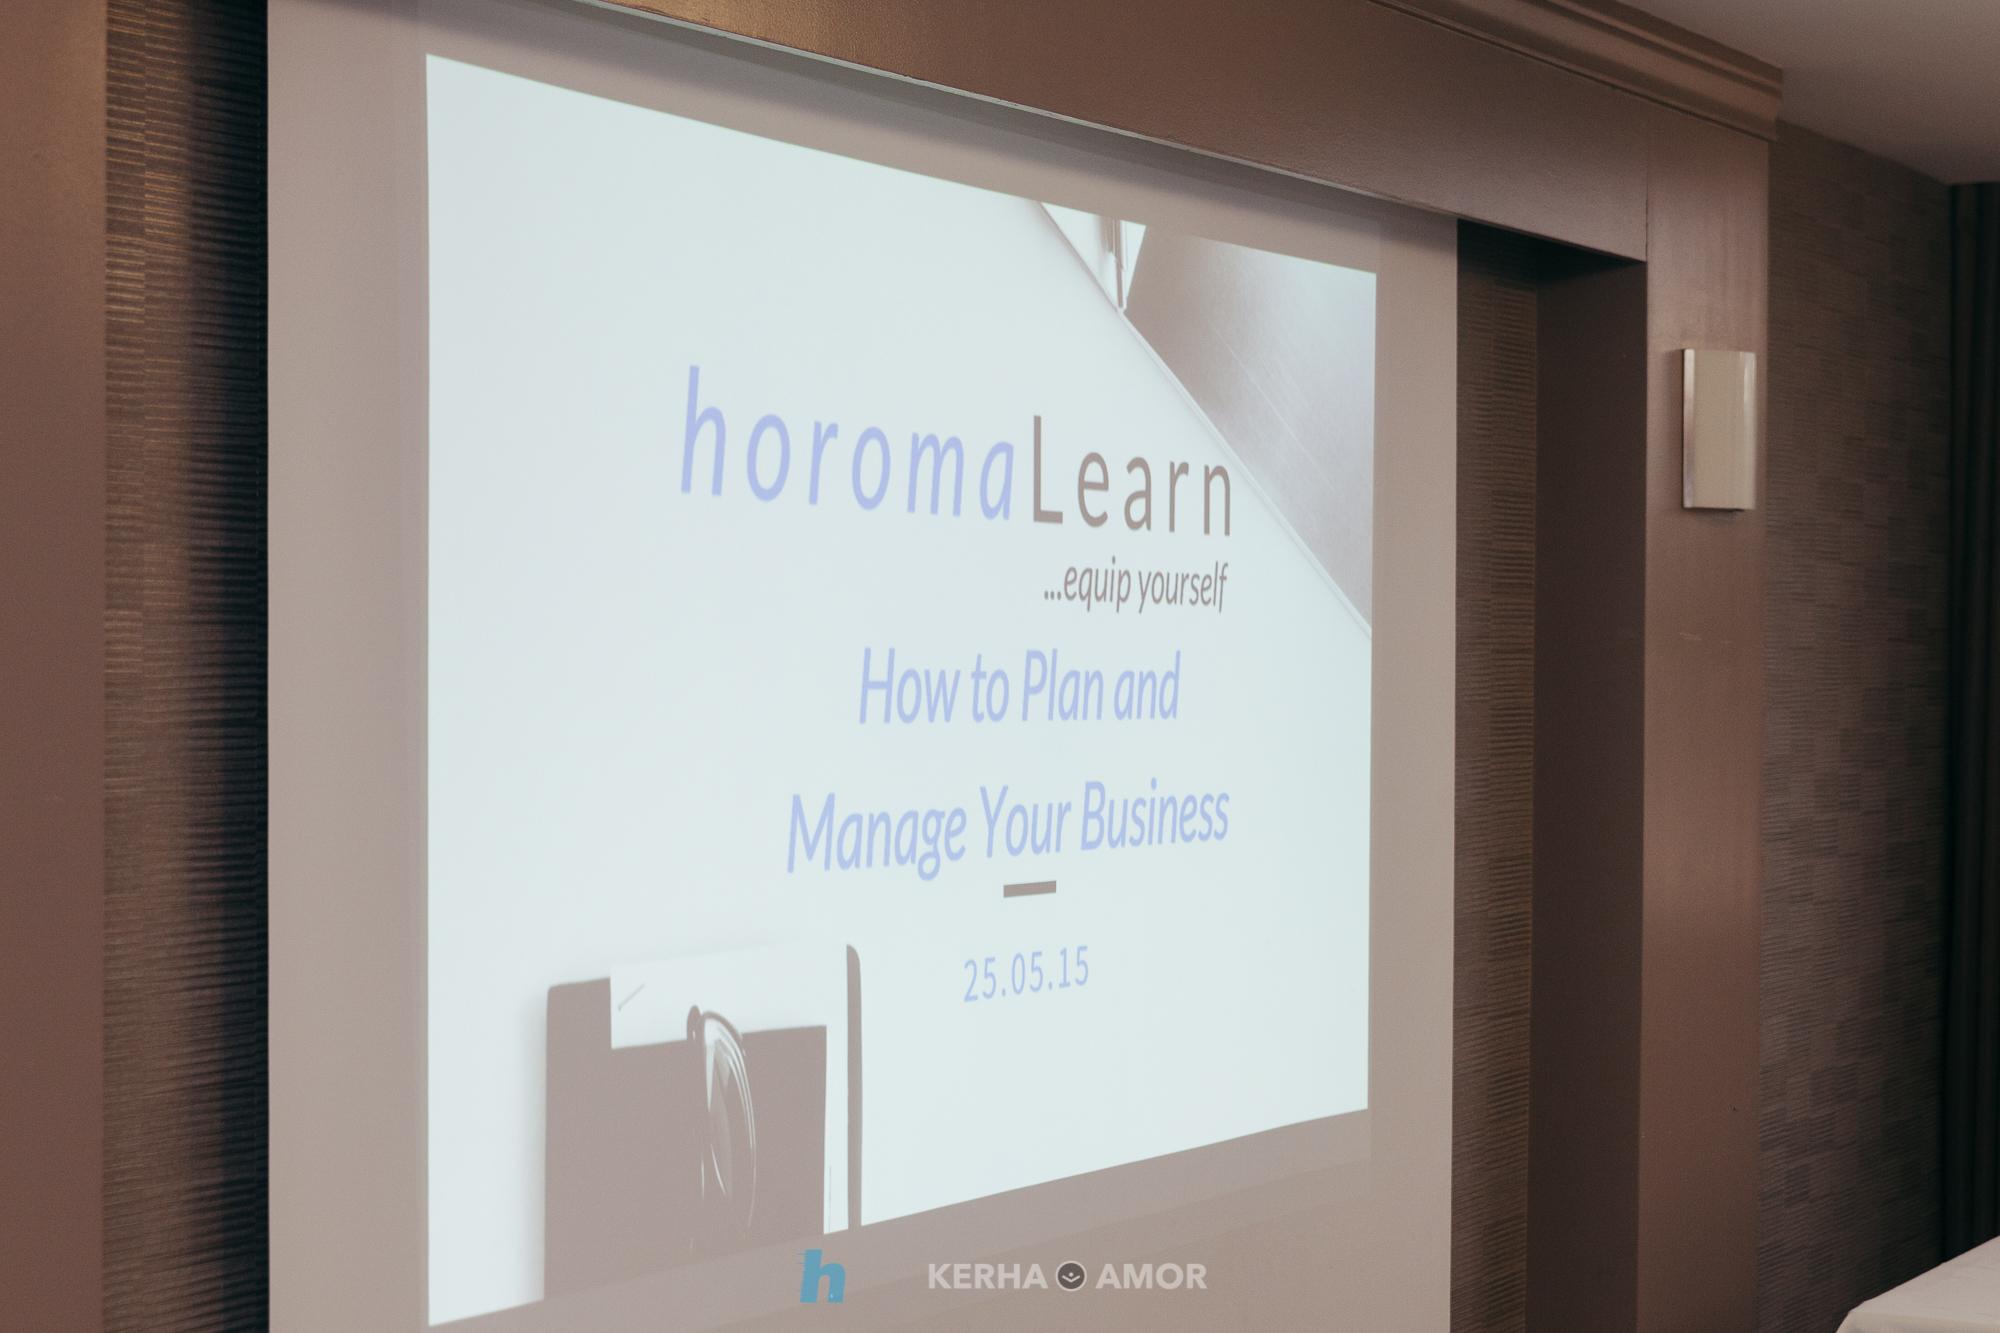 horomaLearn(8).jpg